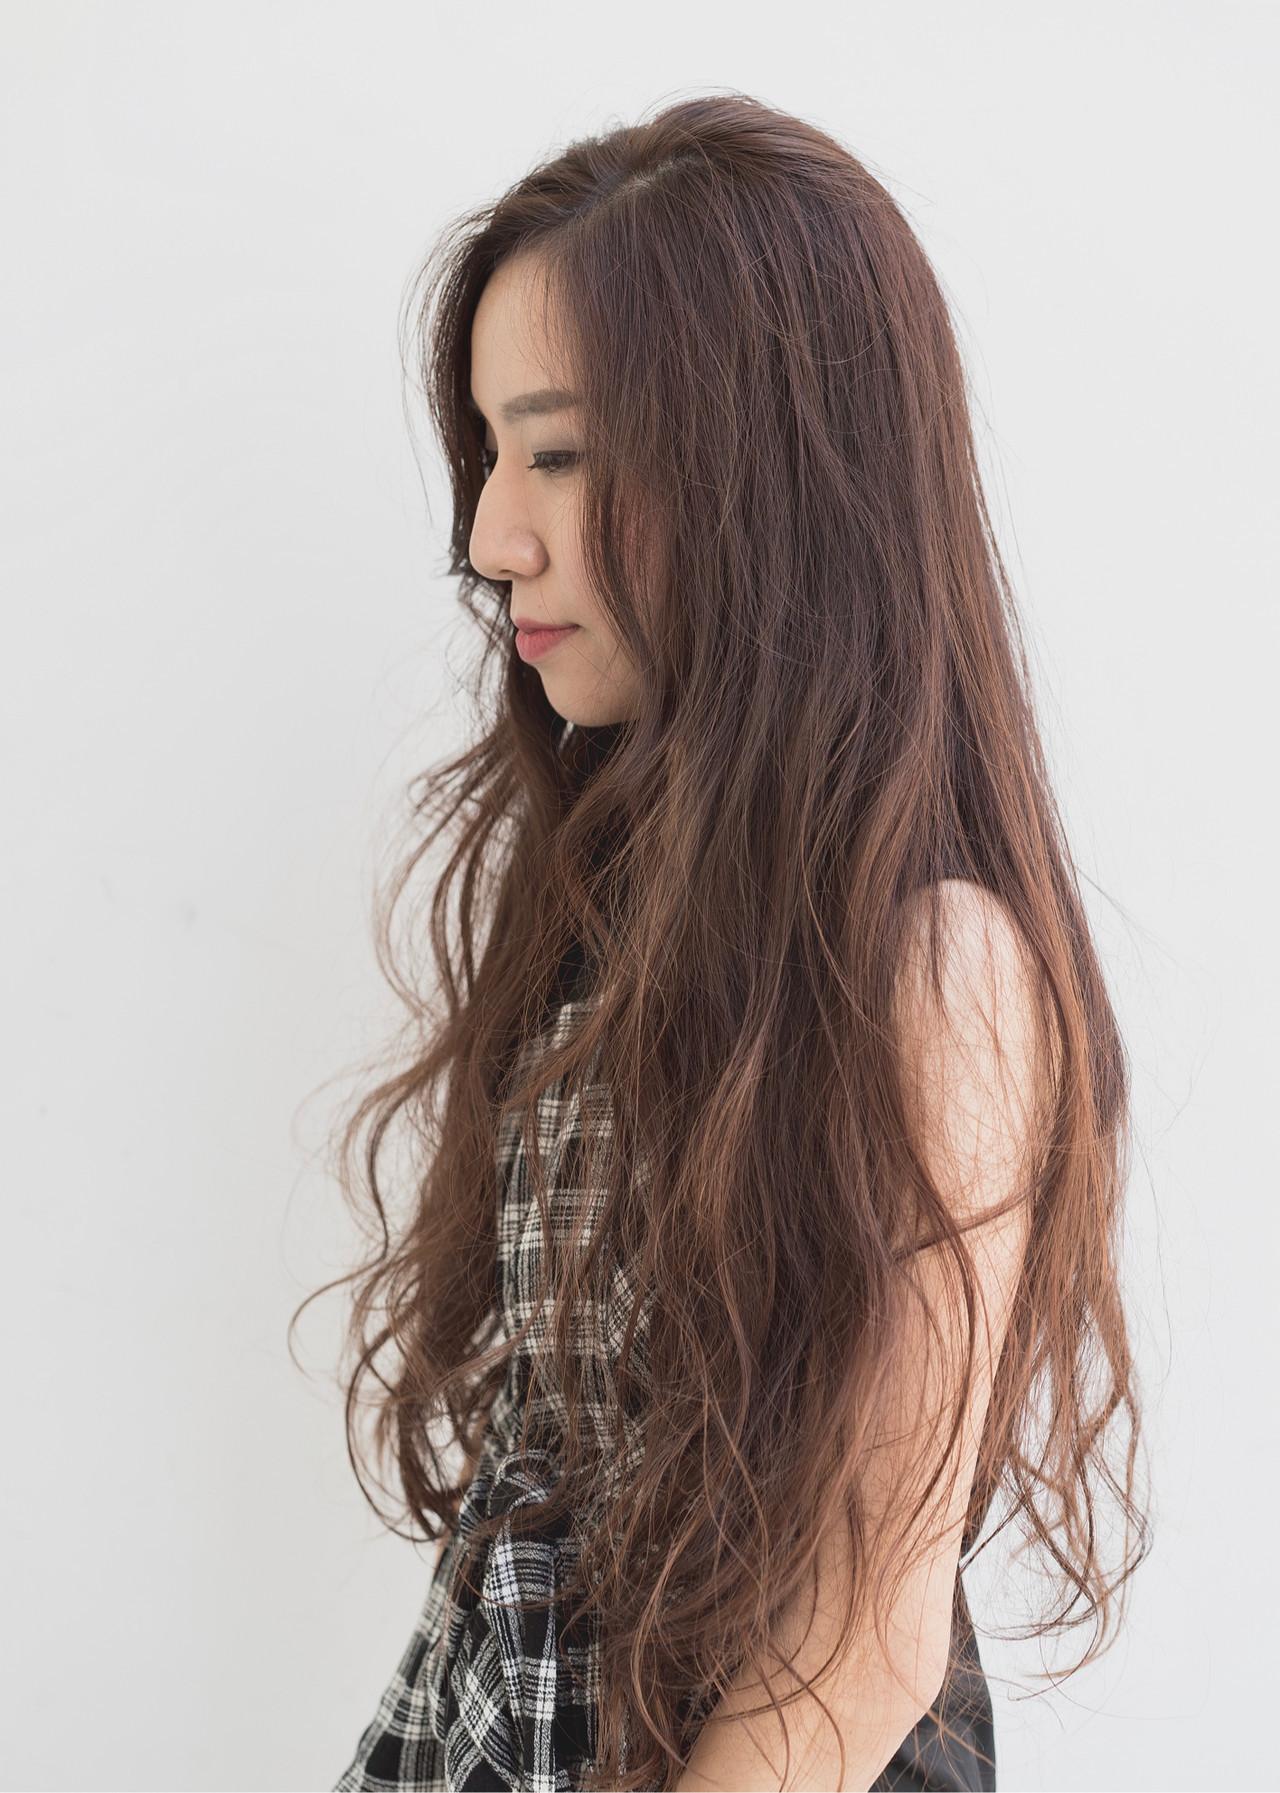 レイヤーロングヘア ピンクベージュ ハイライト 大人ハイライト ヘアスタイルや髪型の写真・画像